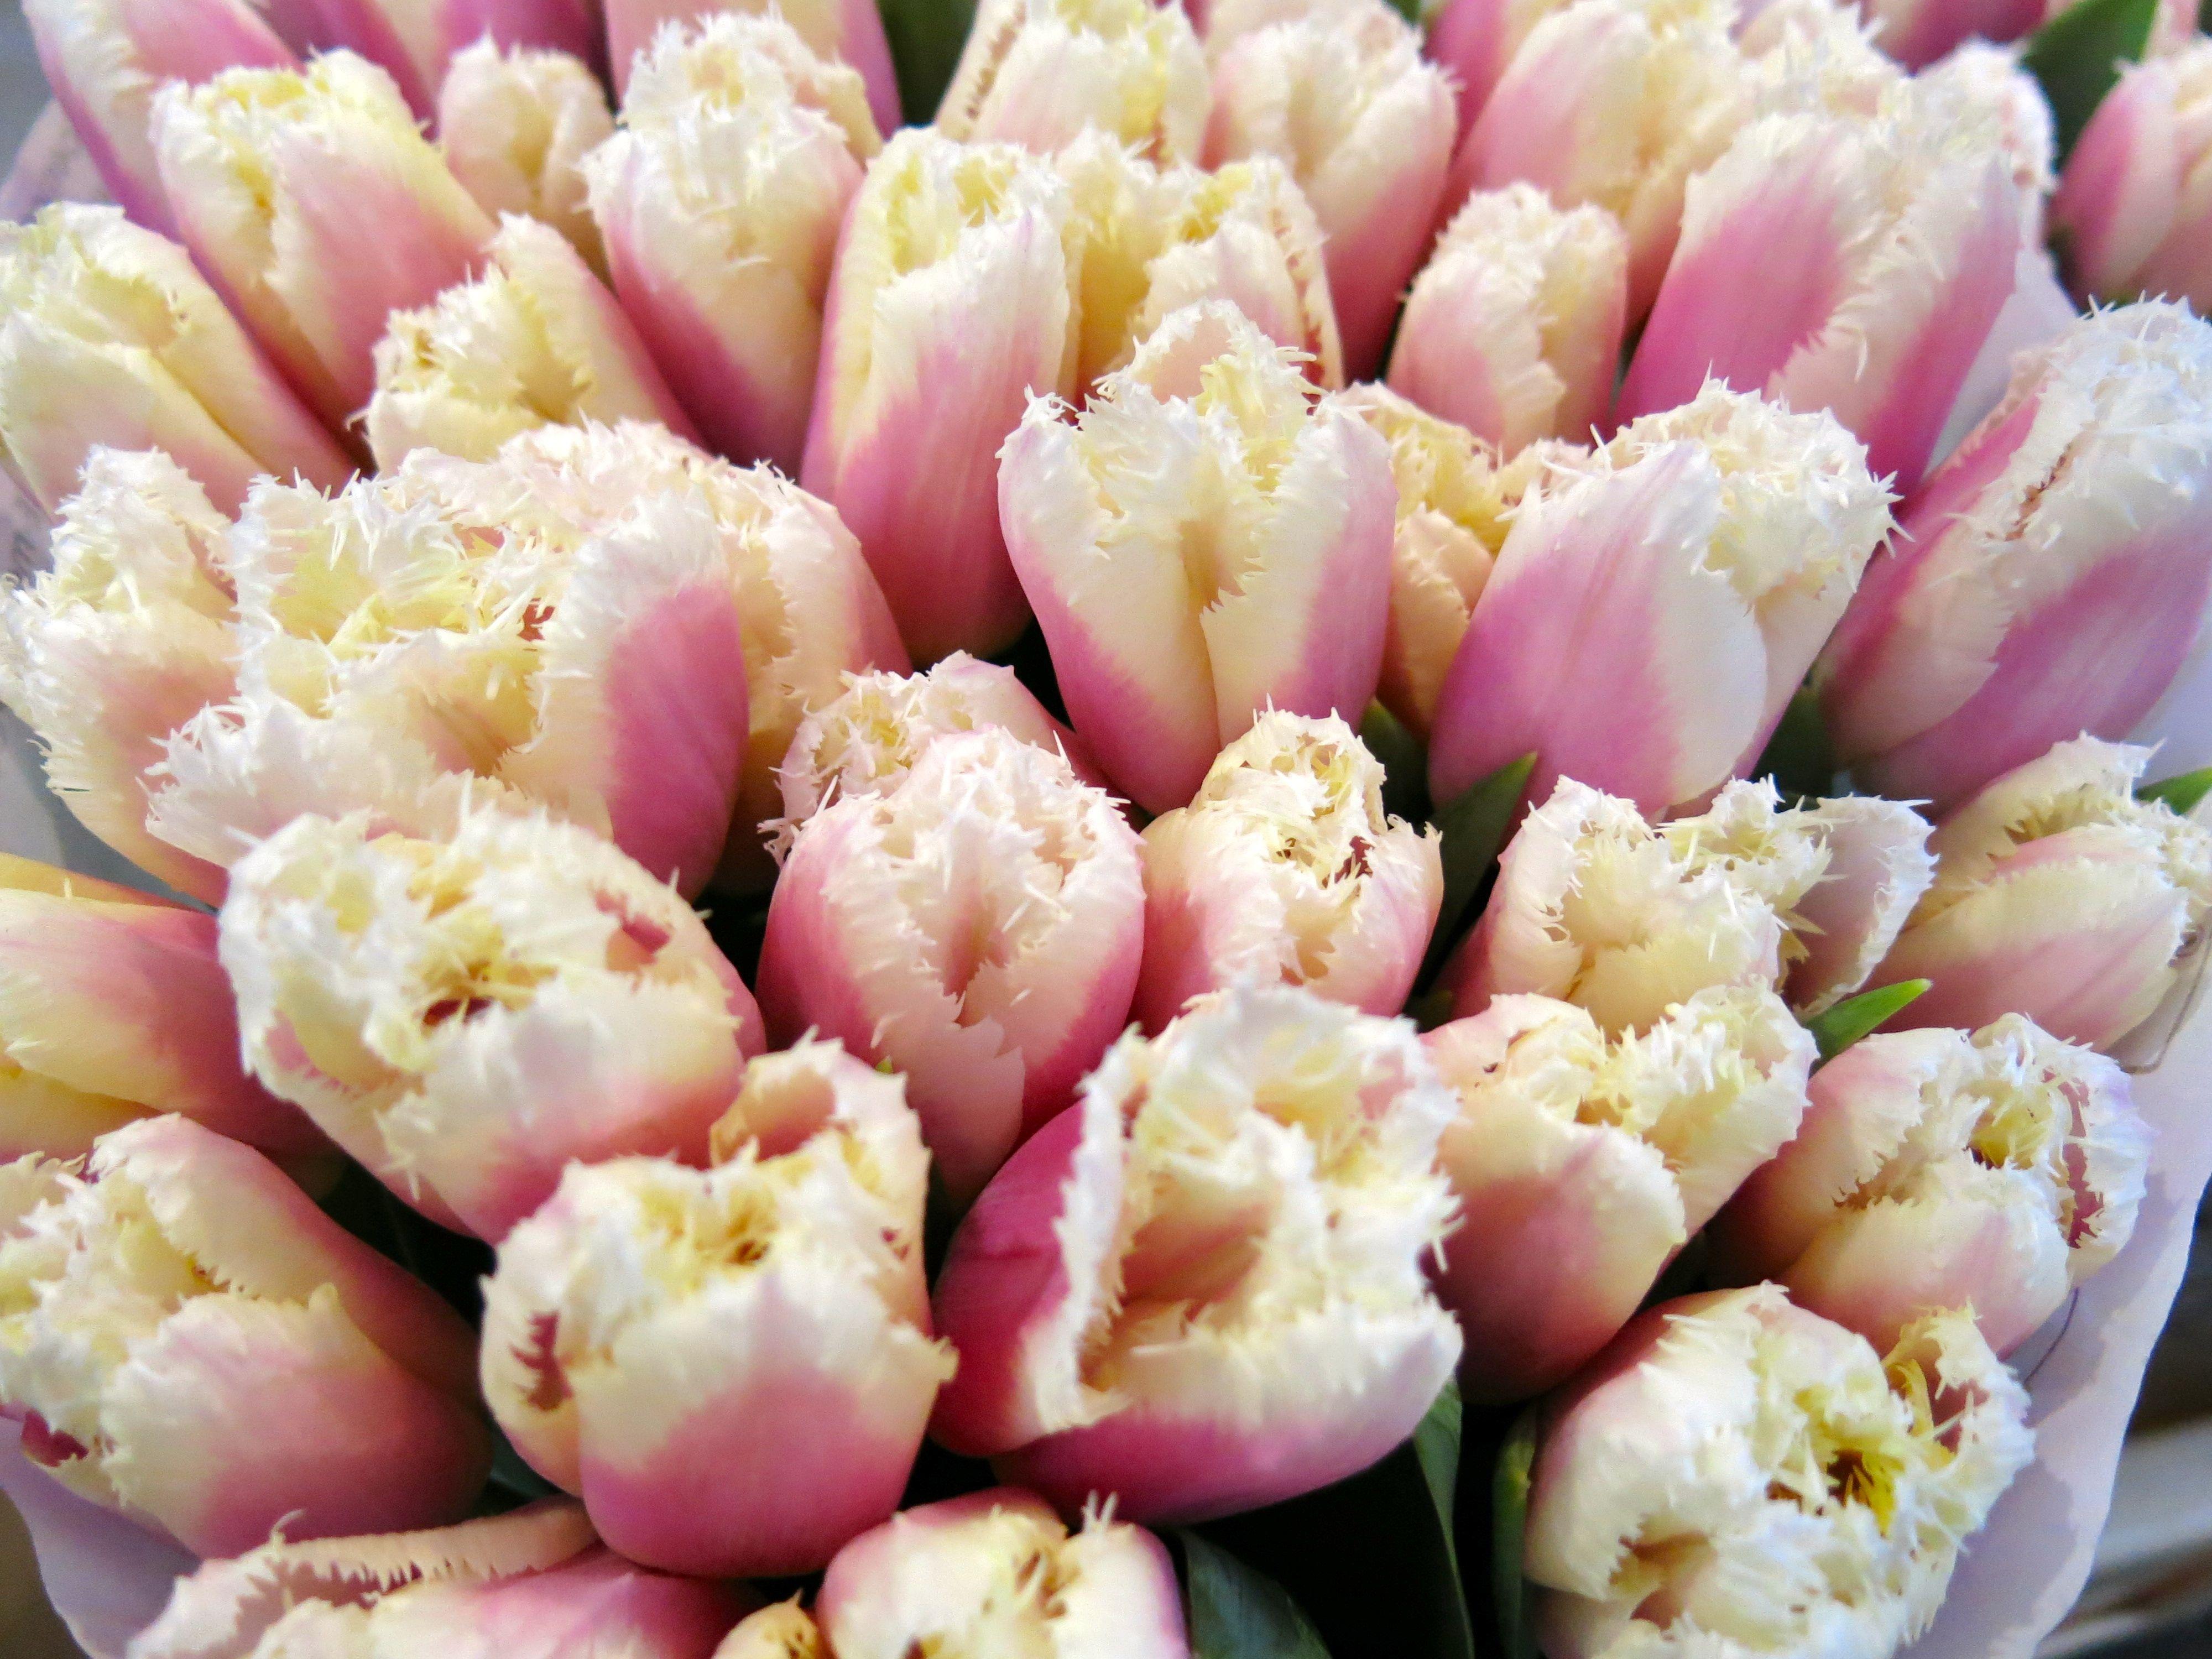 Tulips In Flower Market